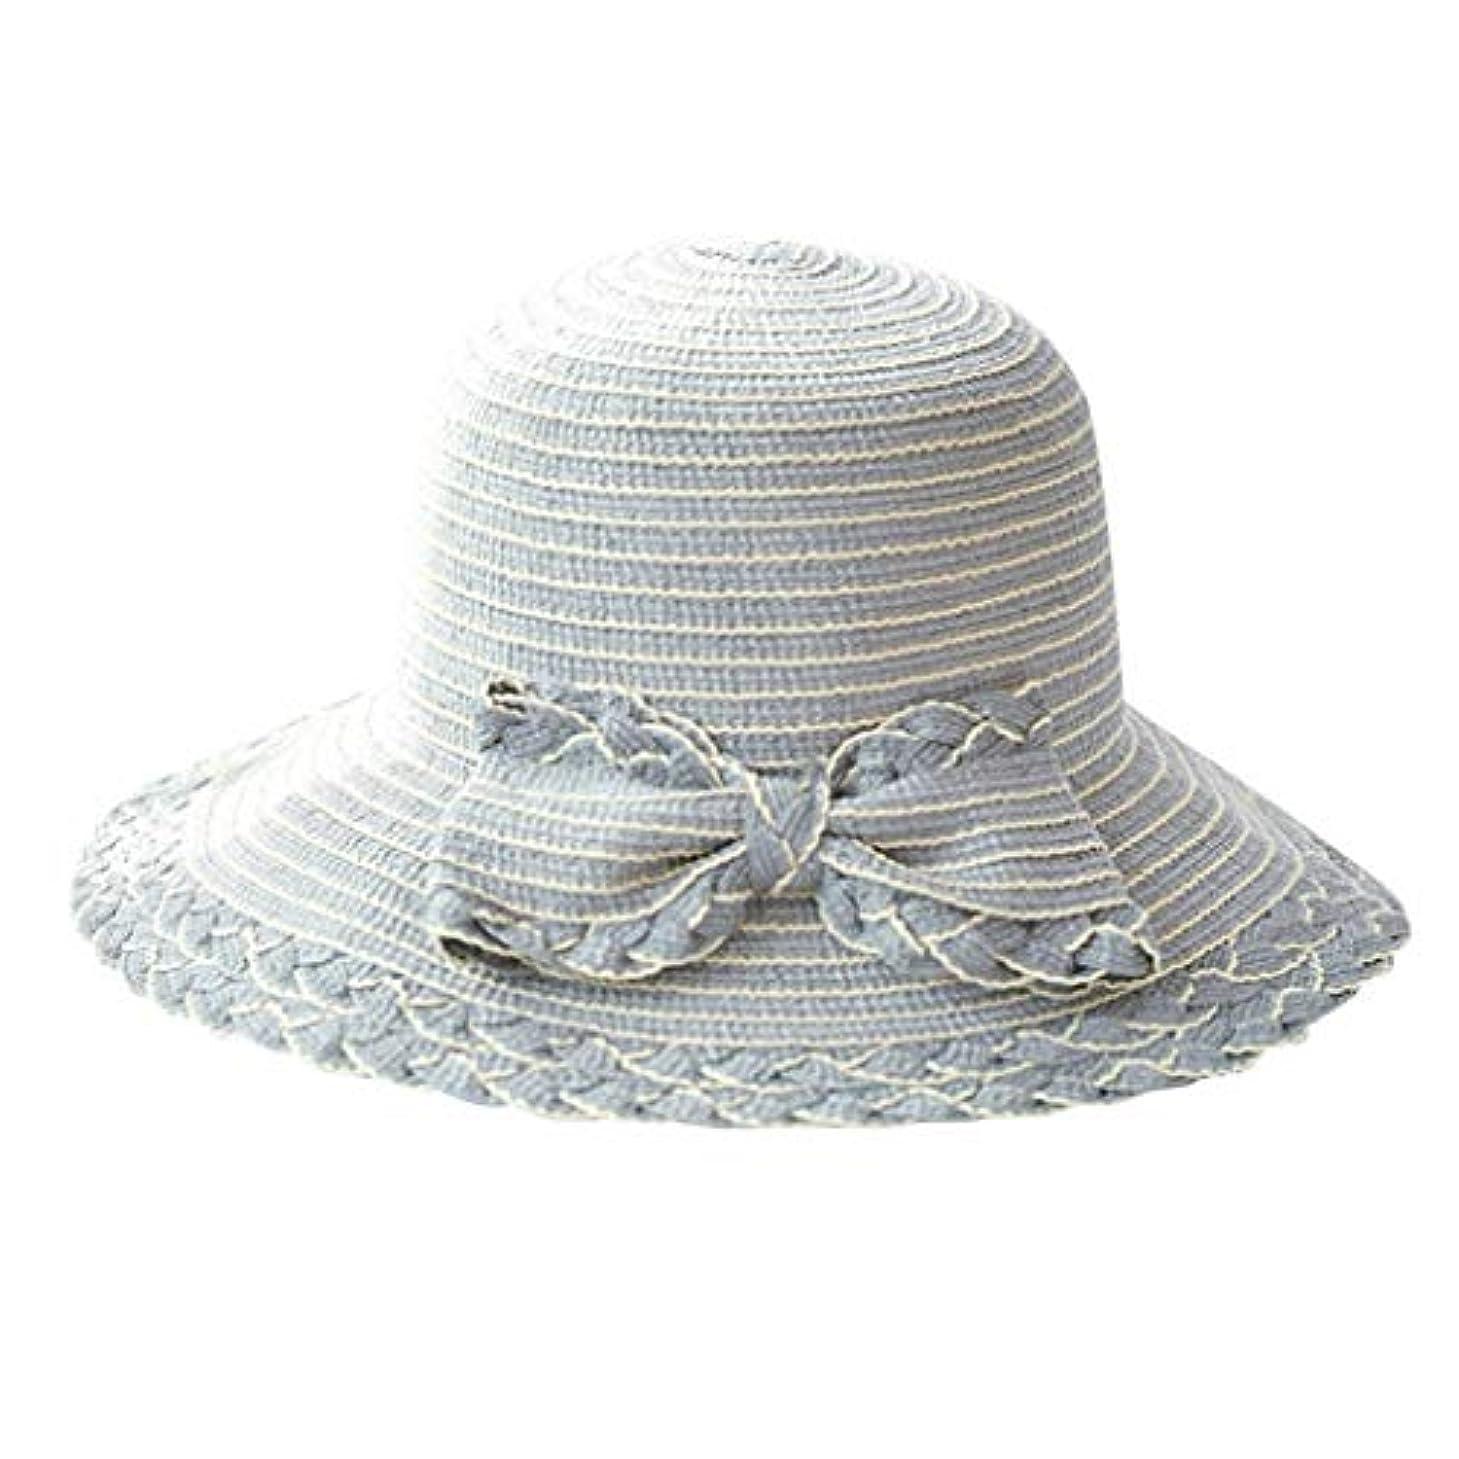 アーティキュレーション踏み台お香夏 帽子 レディース UVカット 帽子 ハット レディース 日よけ 夏季 女優帽 日よけ 日焼け 折りたたみ 持ち運び つば広 吸汗通気 ハット レディース 紫外線対策 小顔効果 ワイヤー入る ハット ROSE ROMAN